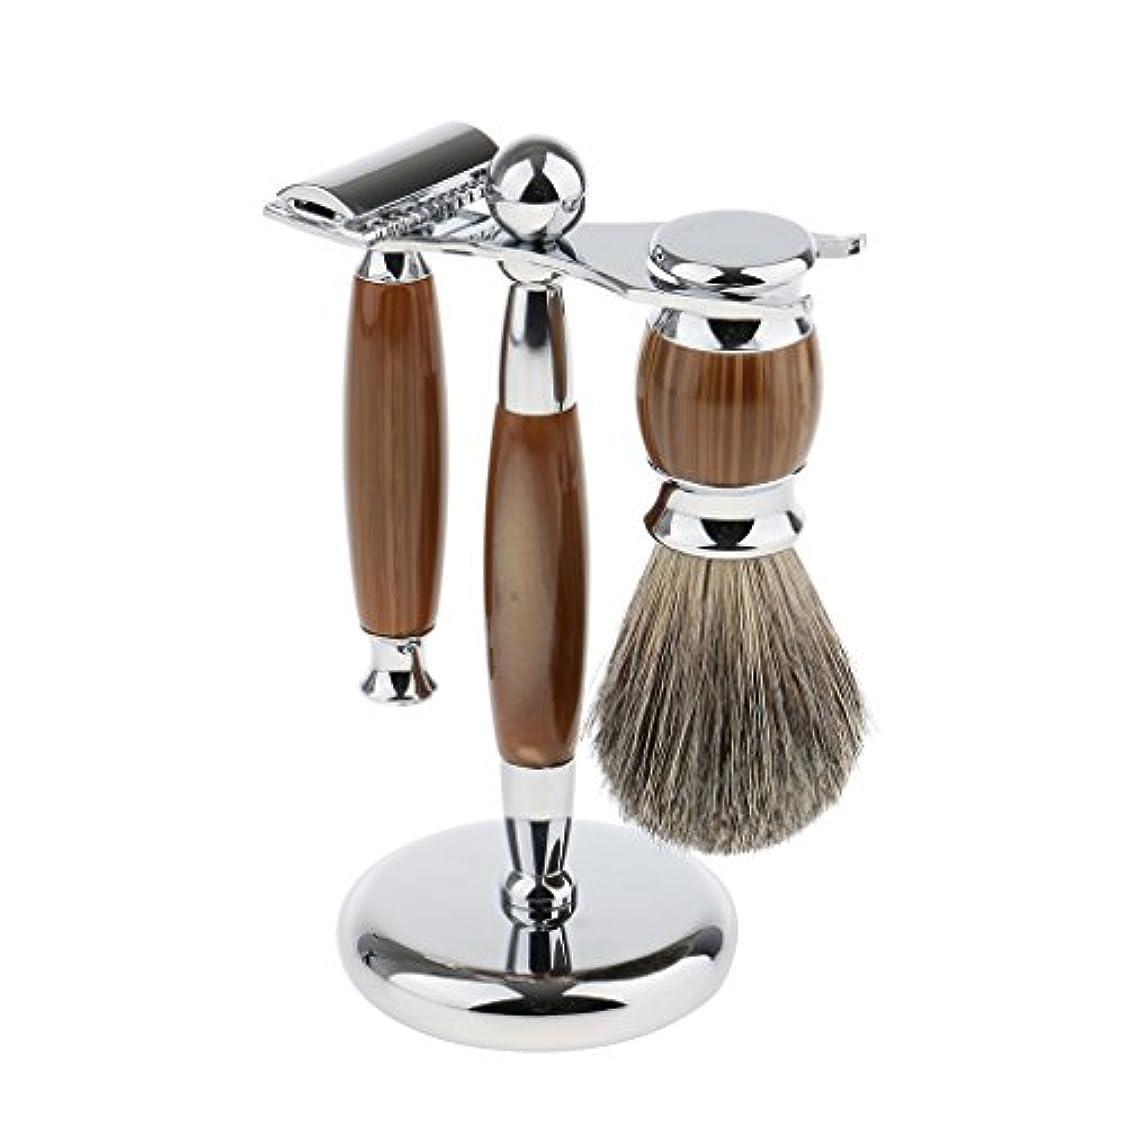 受信列挙する叱るBaoblaze 3点入り シェービング スタンド ブラシ マニュアル ダブルエッジ 髭剃り メイク レトロ プレゼント 3色選べ - タイプ3